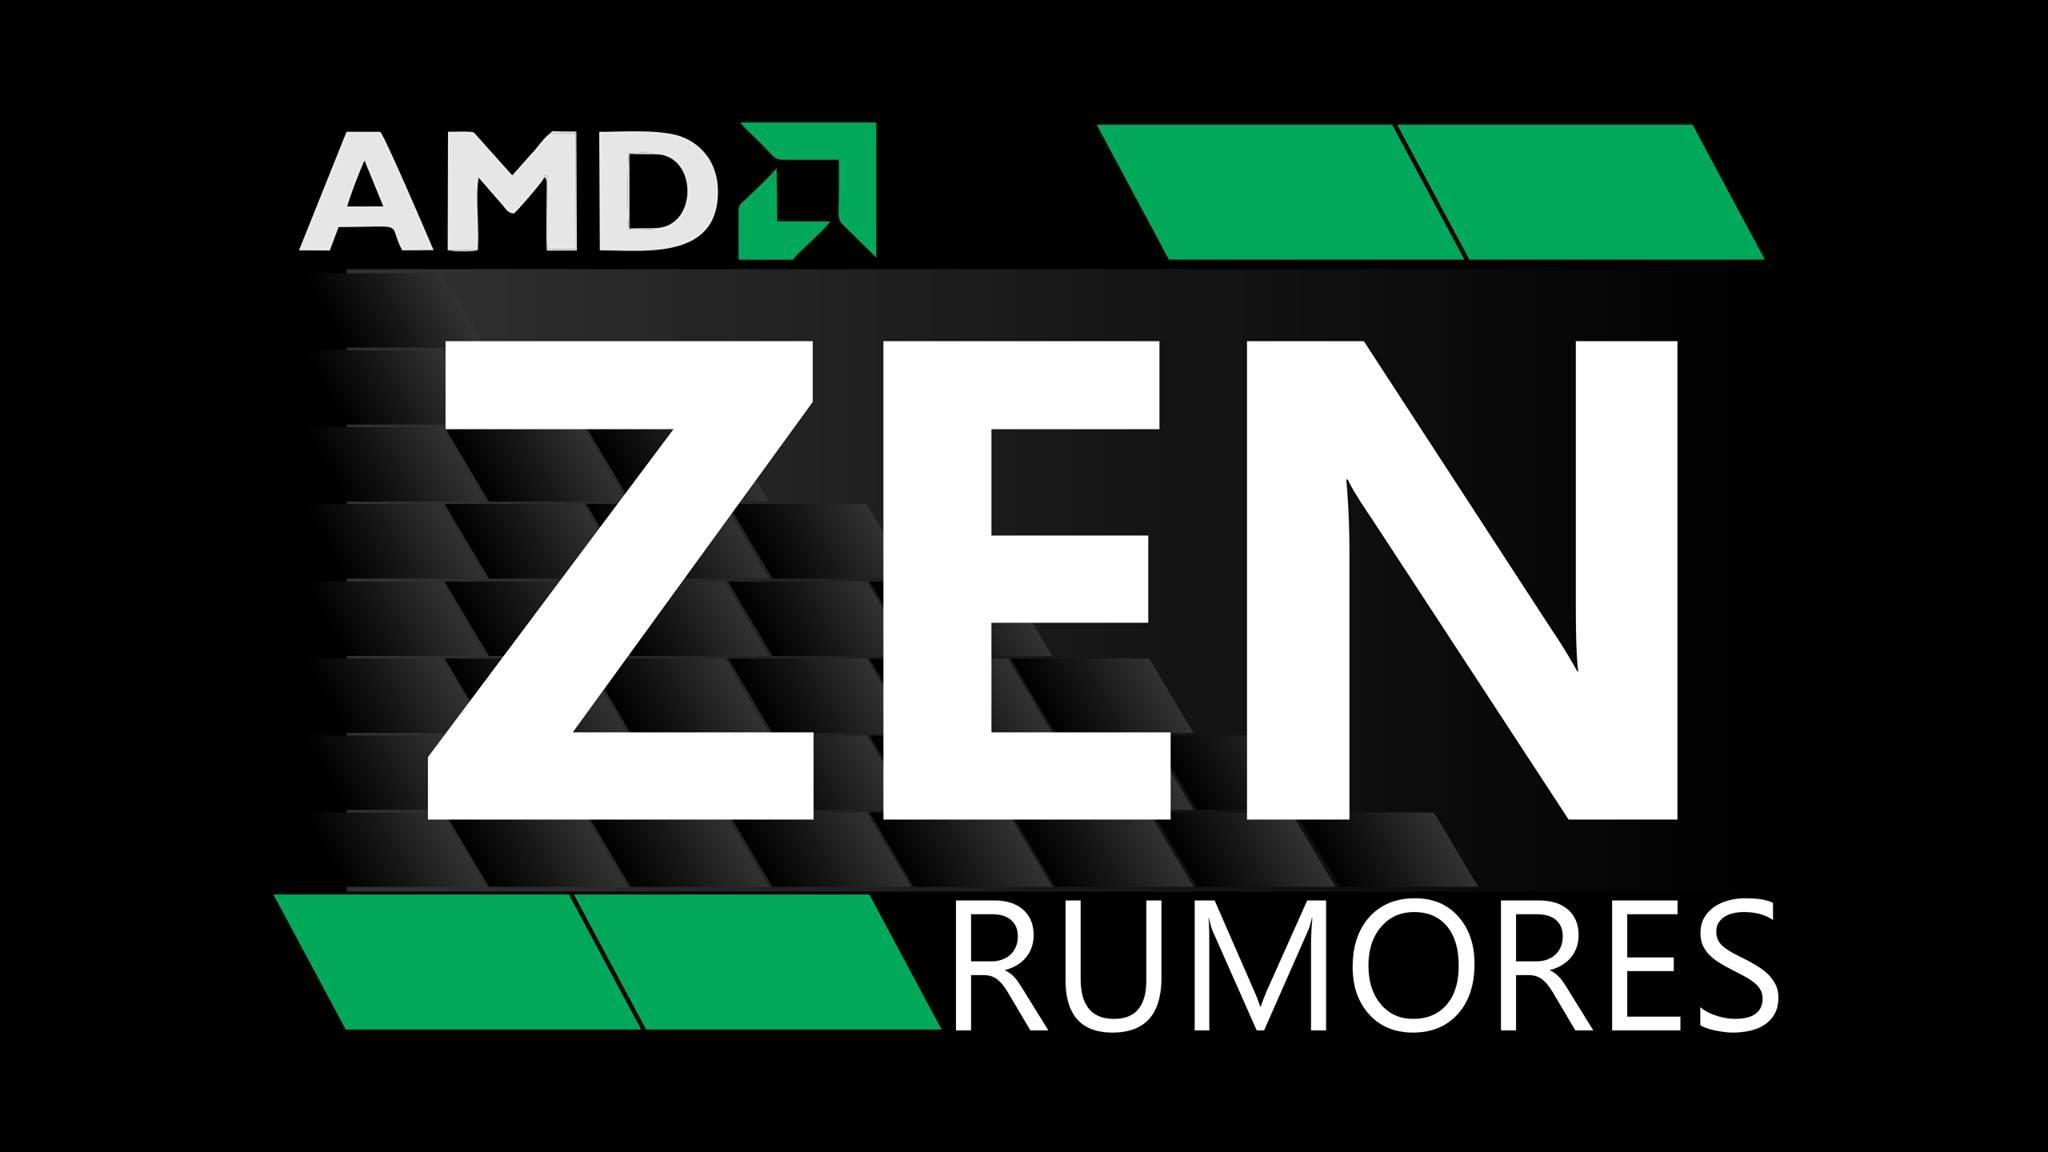 ZEN es la esperanza de AMD